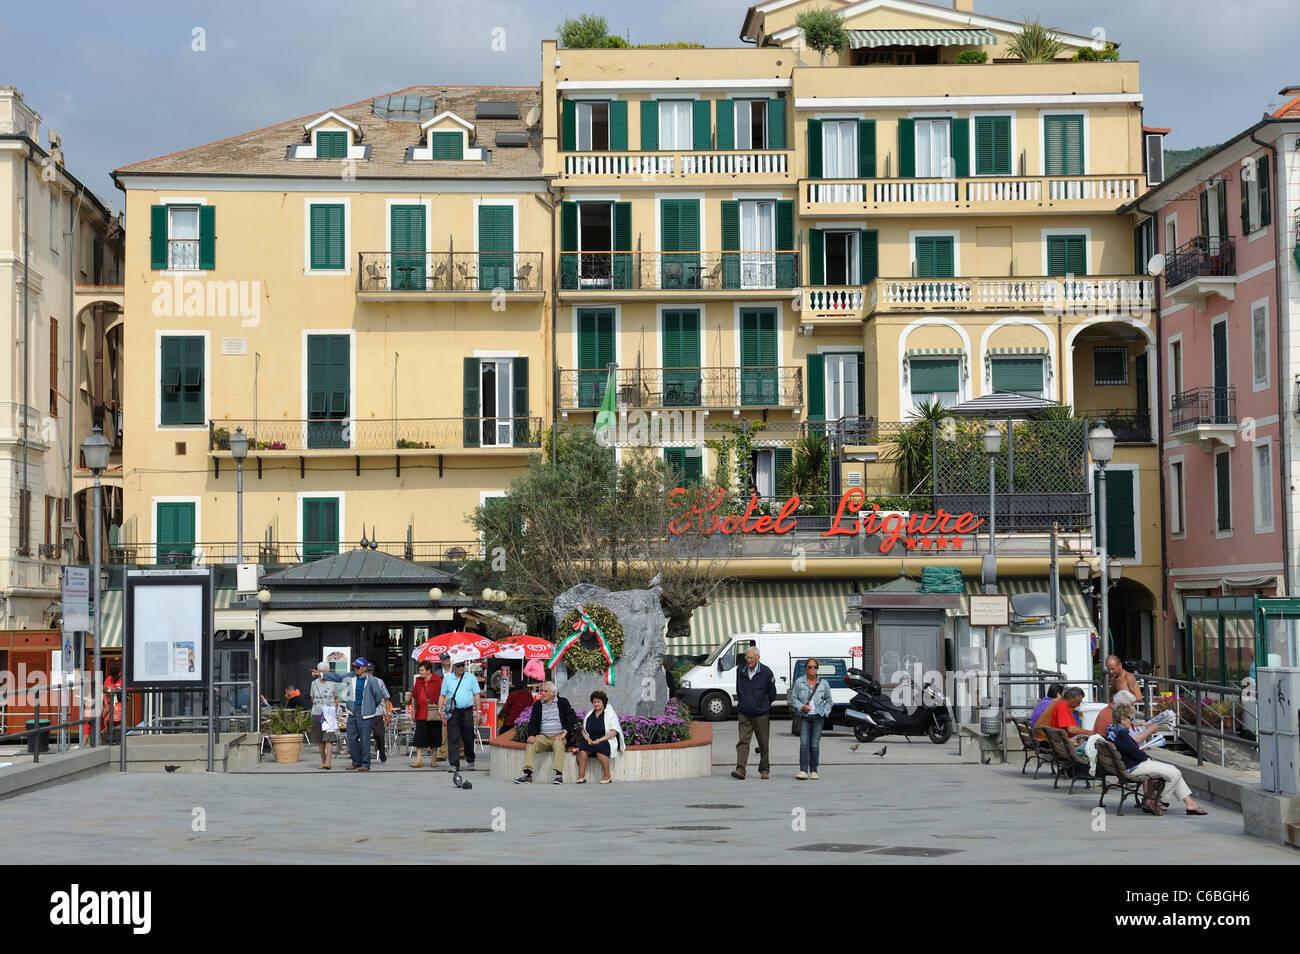 Meer Und Hotel Alassio Ligurien Italien An Der Italienischen Riviera